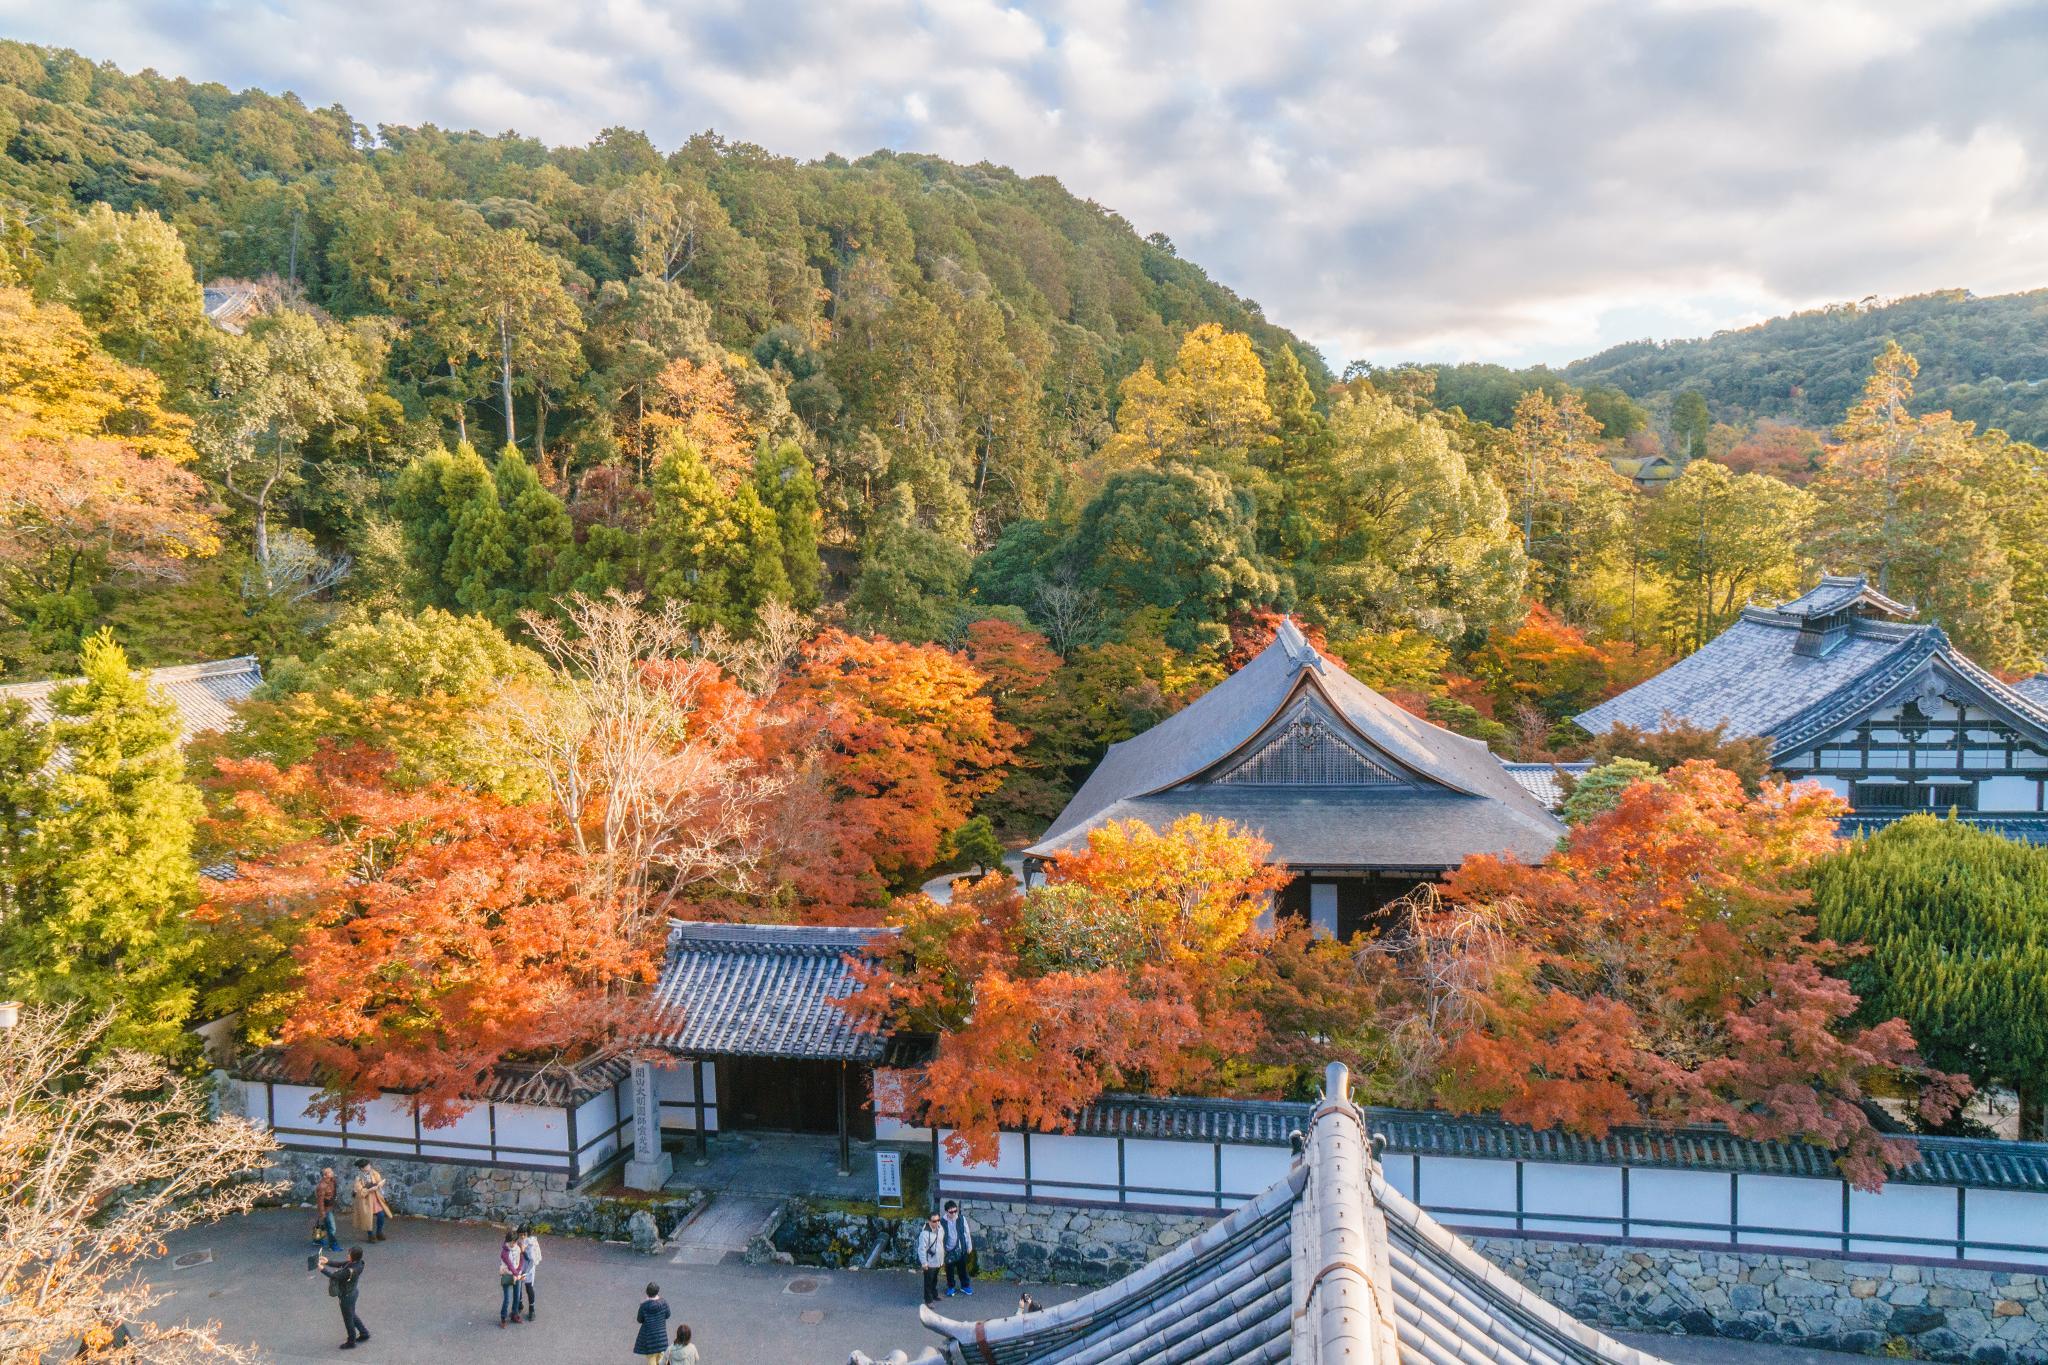 【京都】秋光葉影的古寺散策 - 南禪寺 93